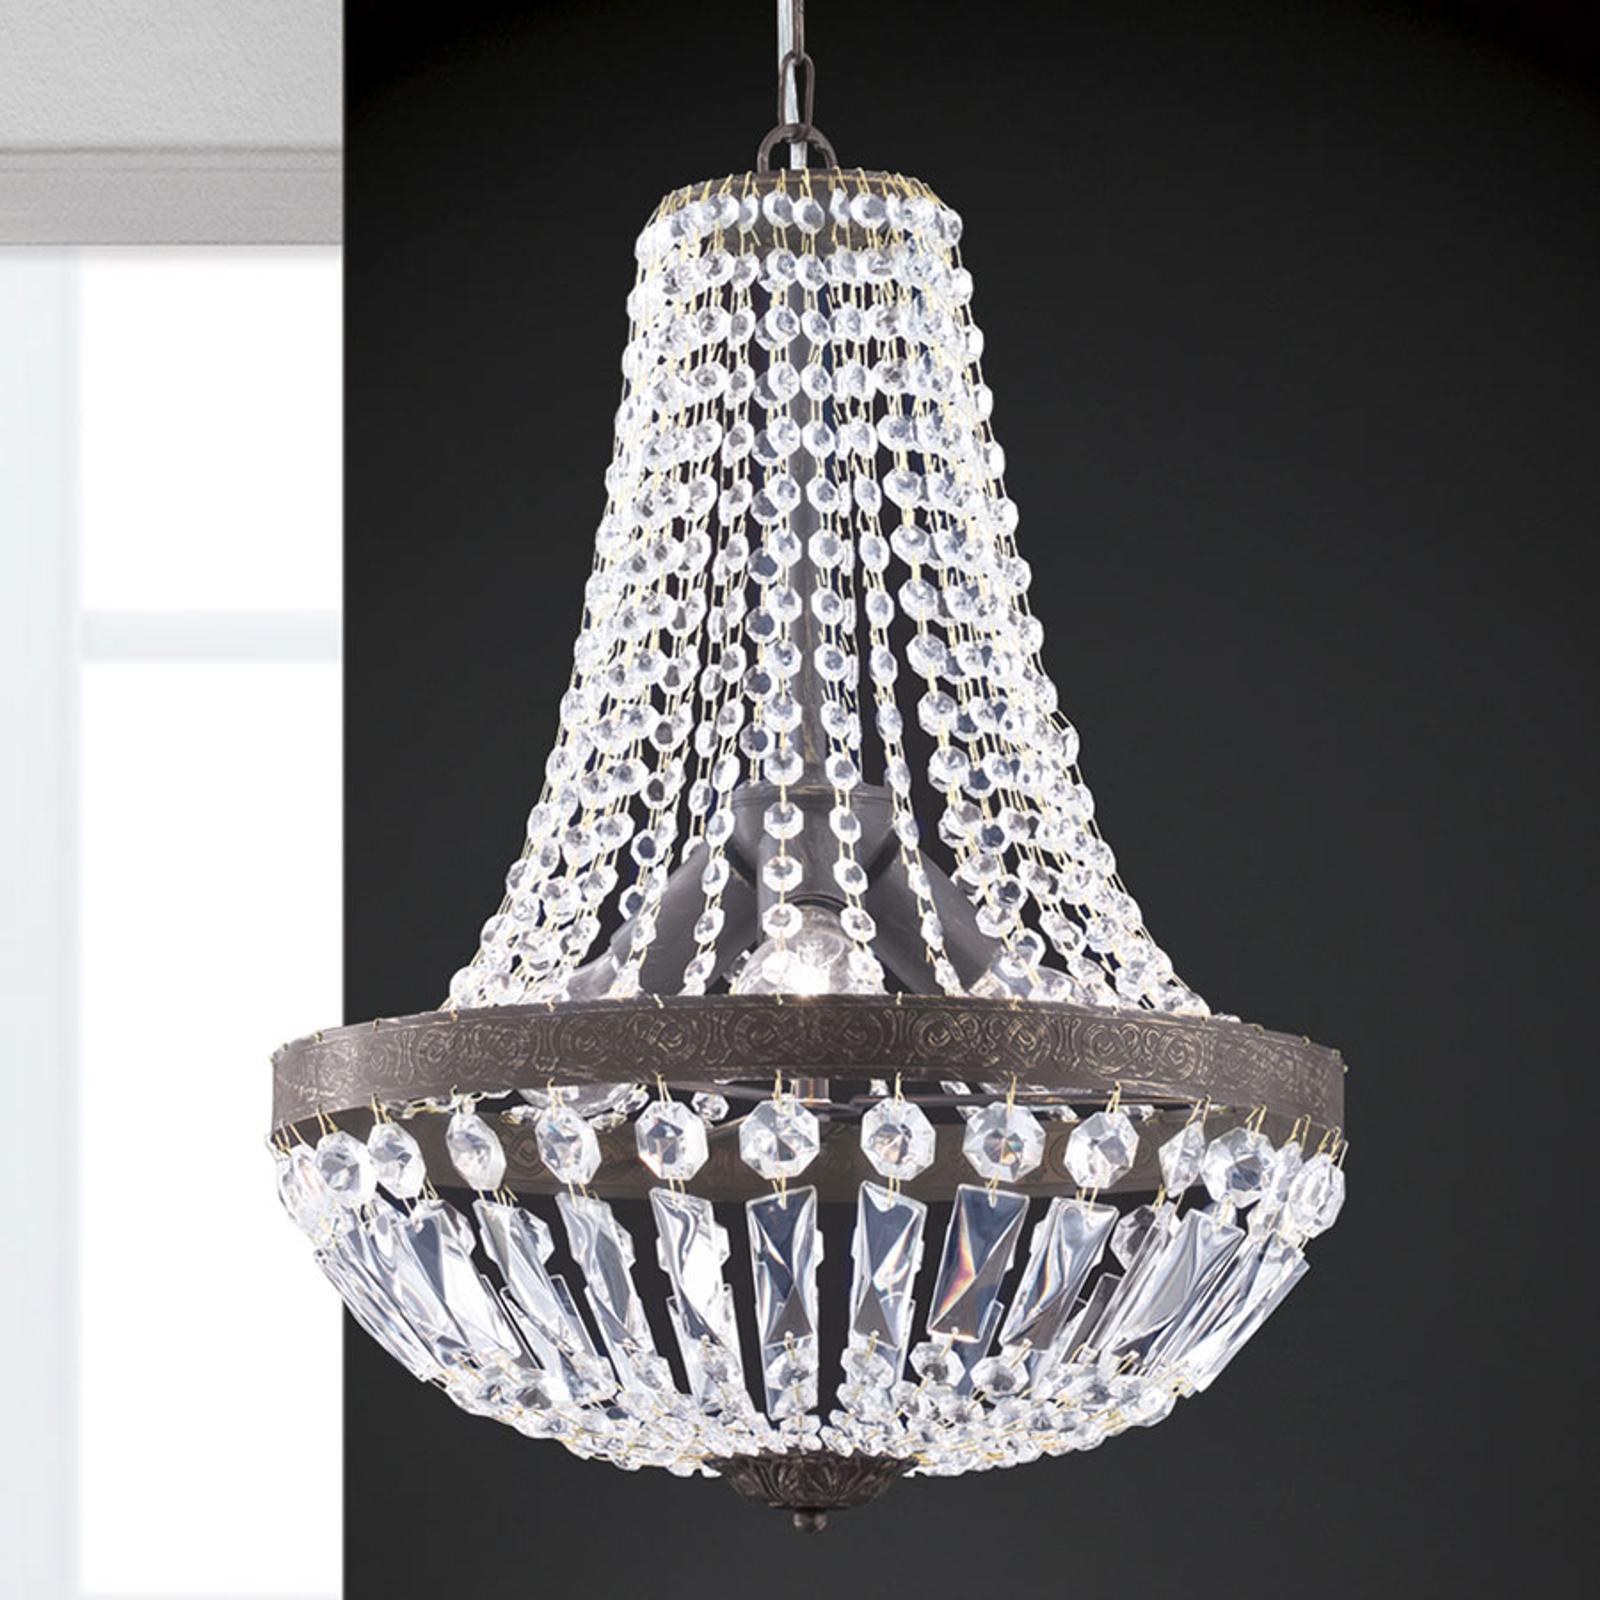 Lampa wisząca Andara, kryształowe łańcuchy, Ø 40cm